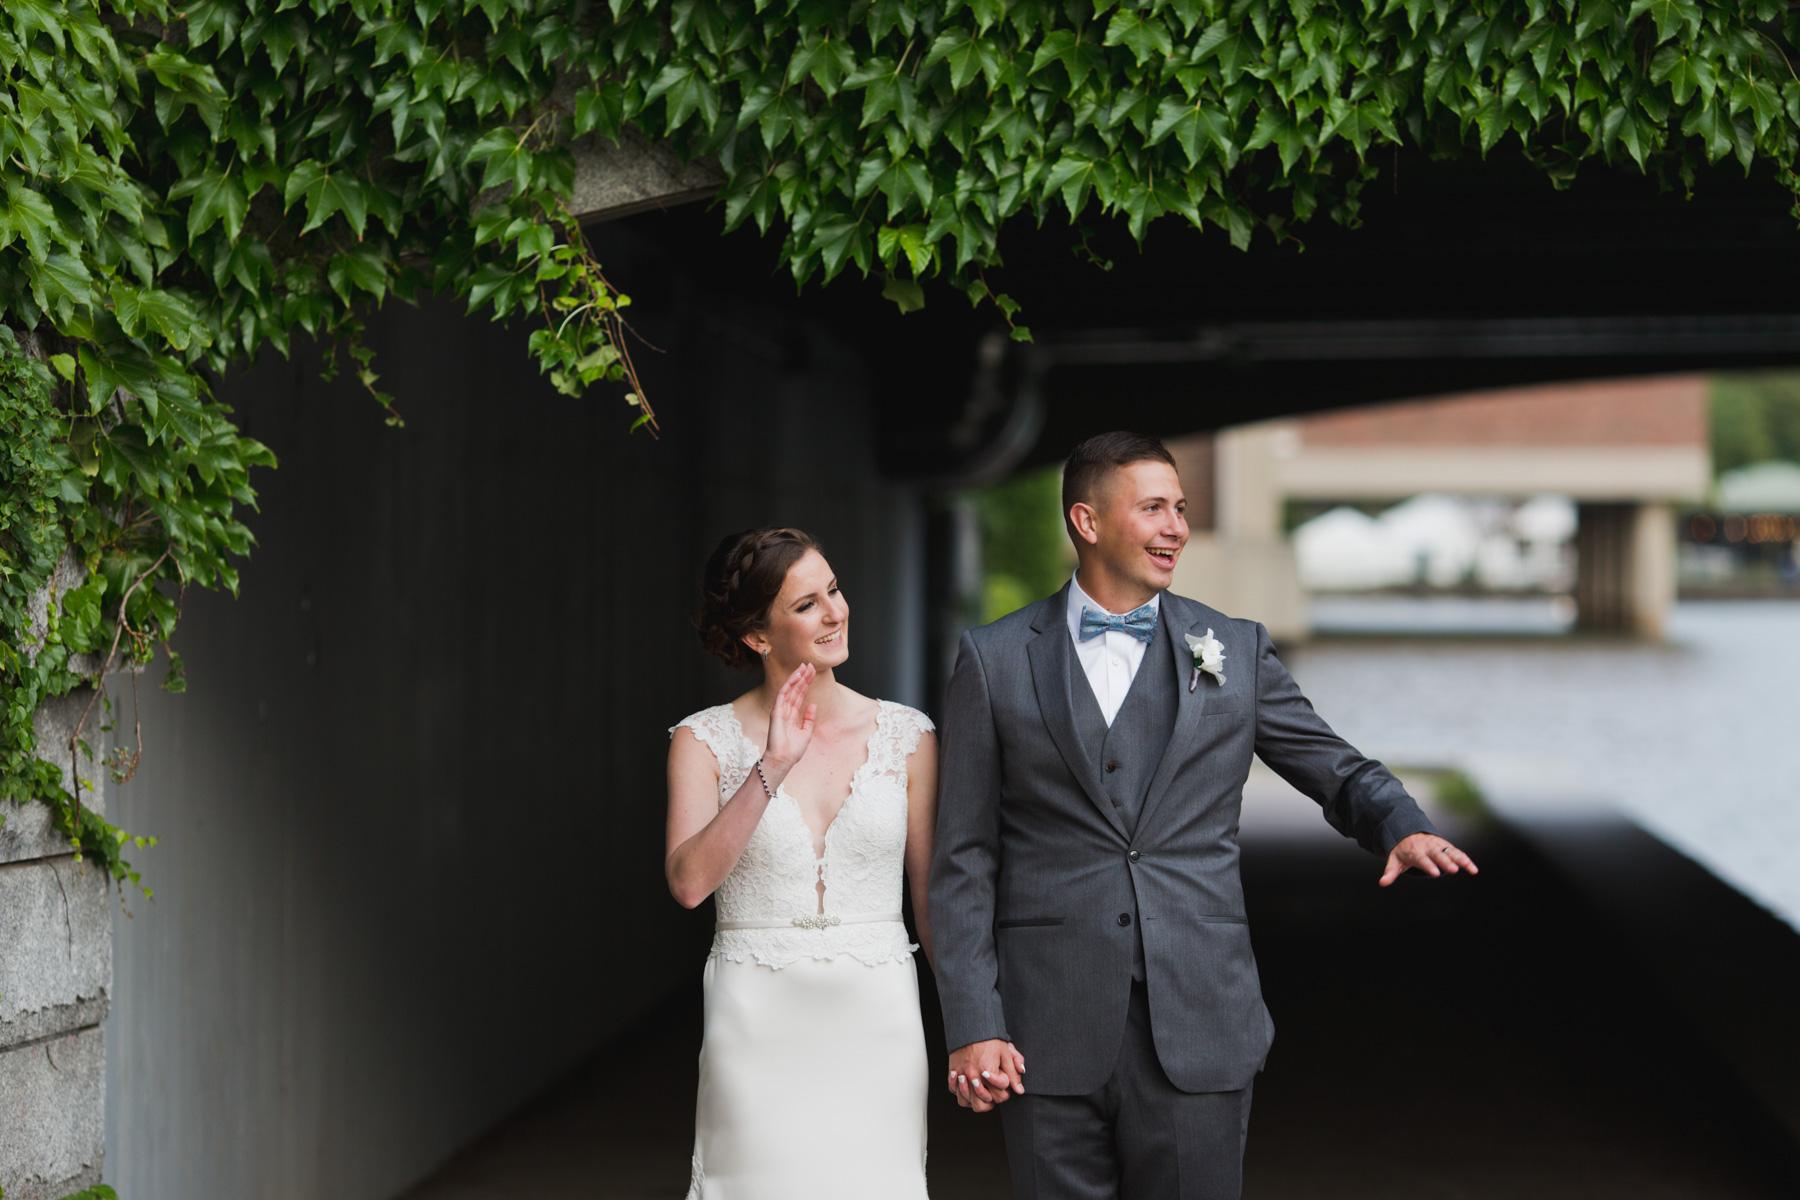 boston-wedding-hotel-marlowe-cambridge-photography-53